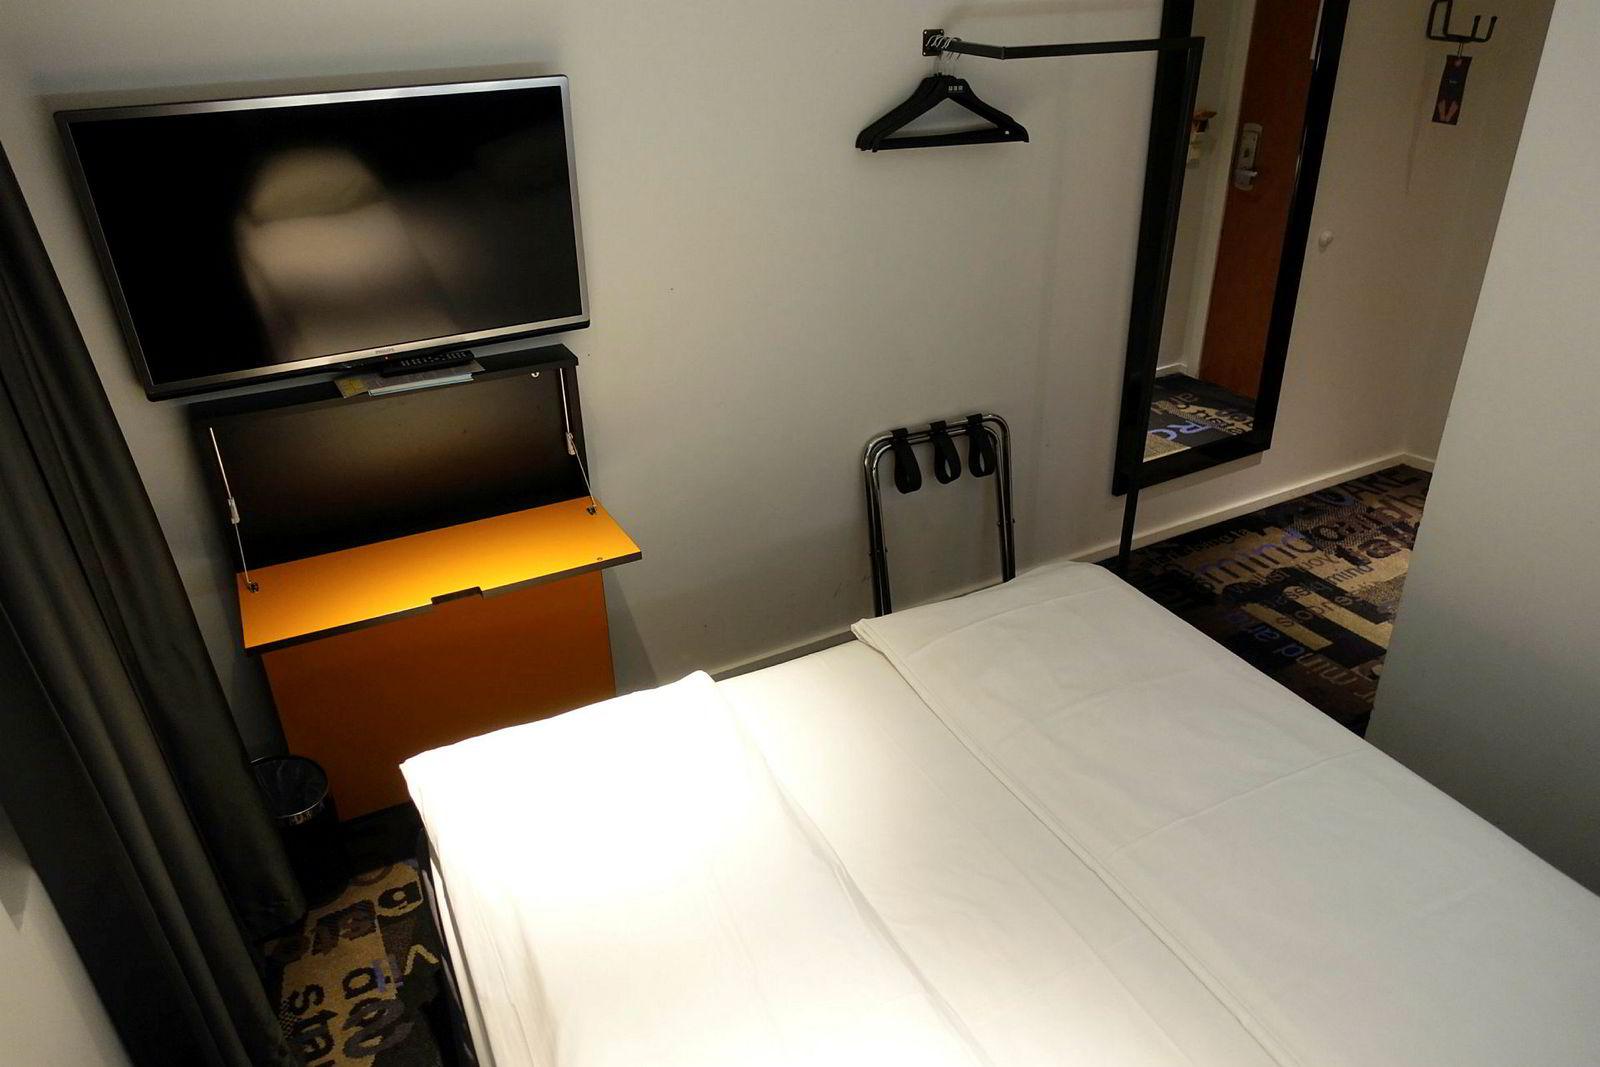 Svært enkelt rom uten noe ekstra- og man må sitte på sengekanten om man vil jobbe på det nedfellbare skrivebordet.